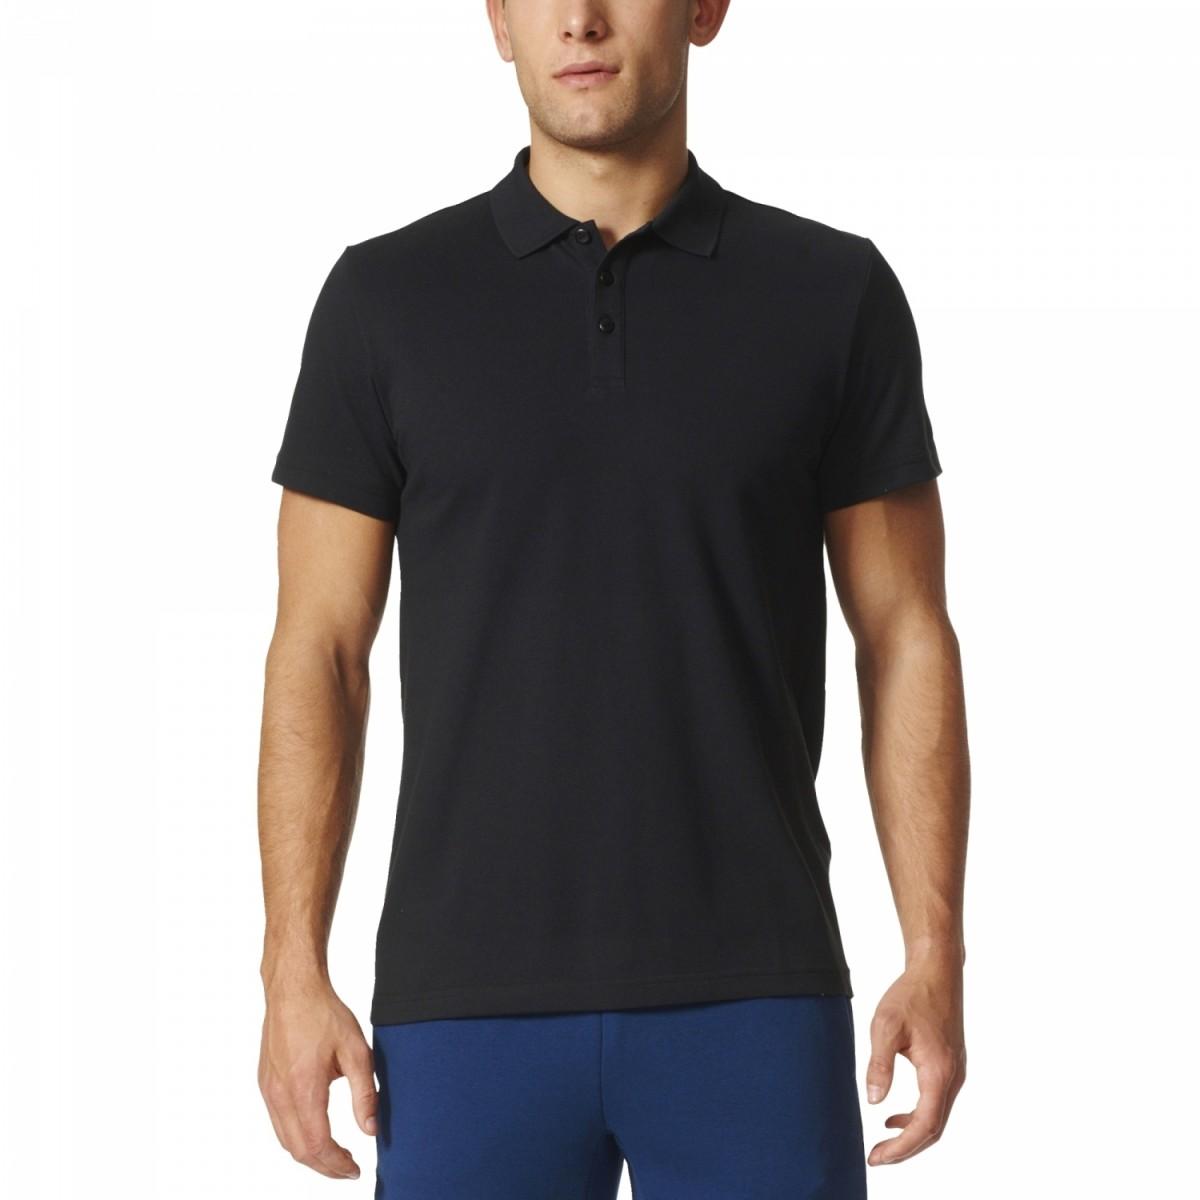 adidas Essentials Base Poloshirt schwarz Herren